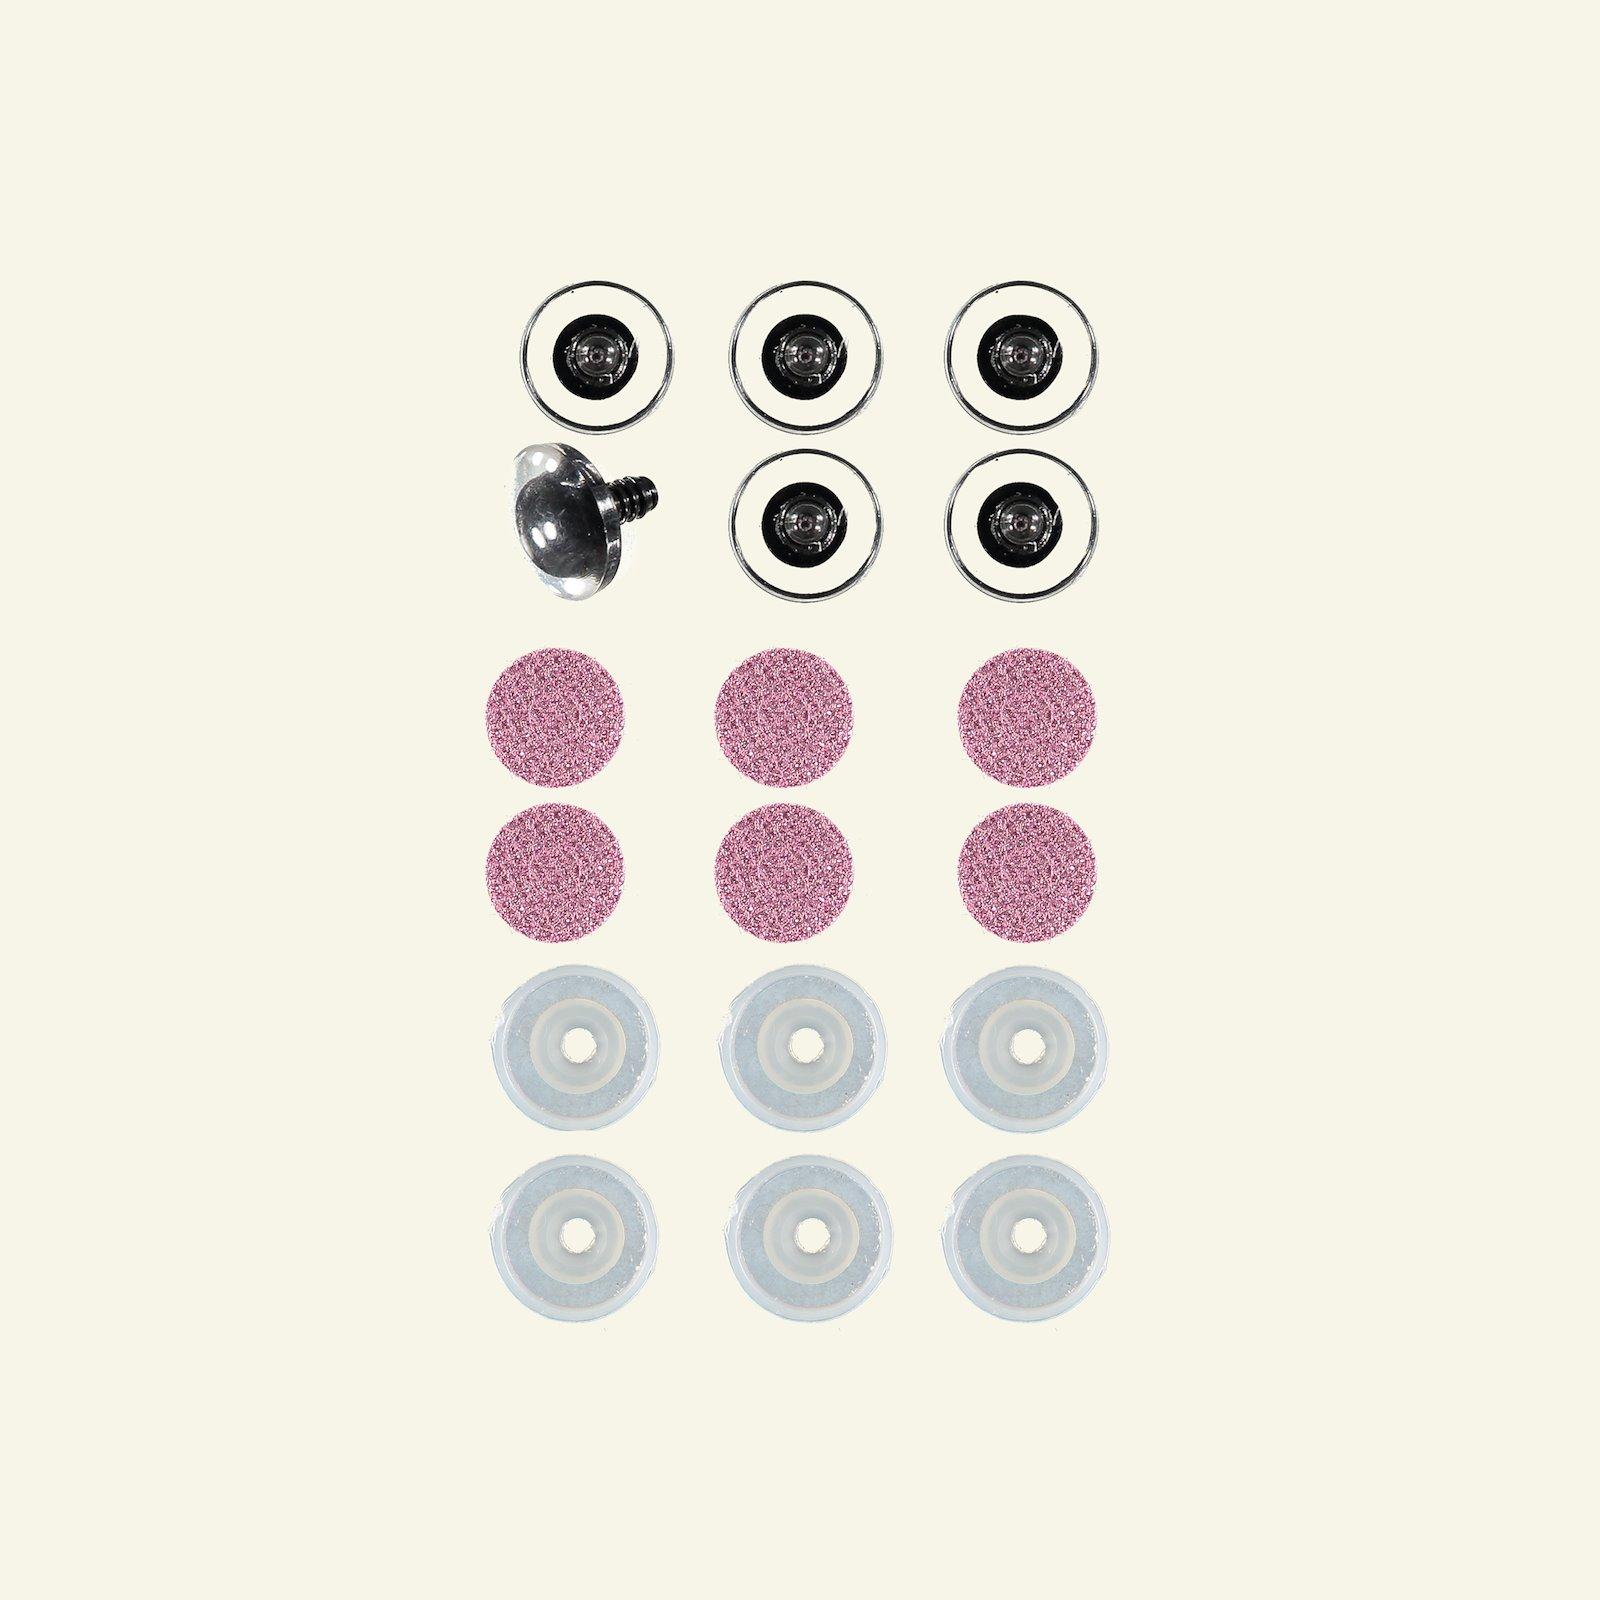 Glitter eyes 20mm rose 6pcs 43406_pack